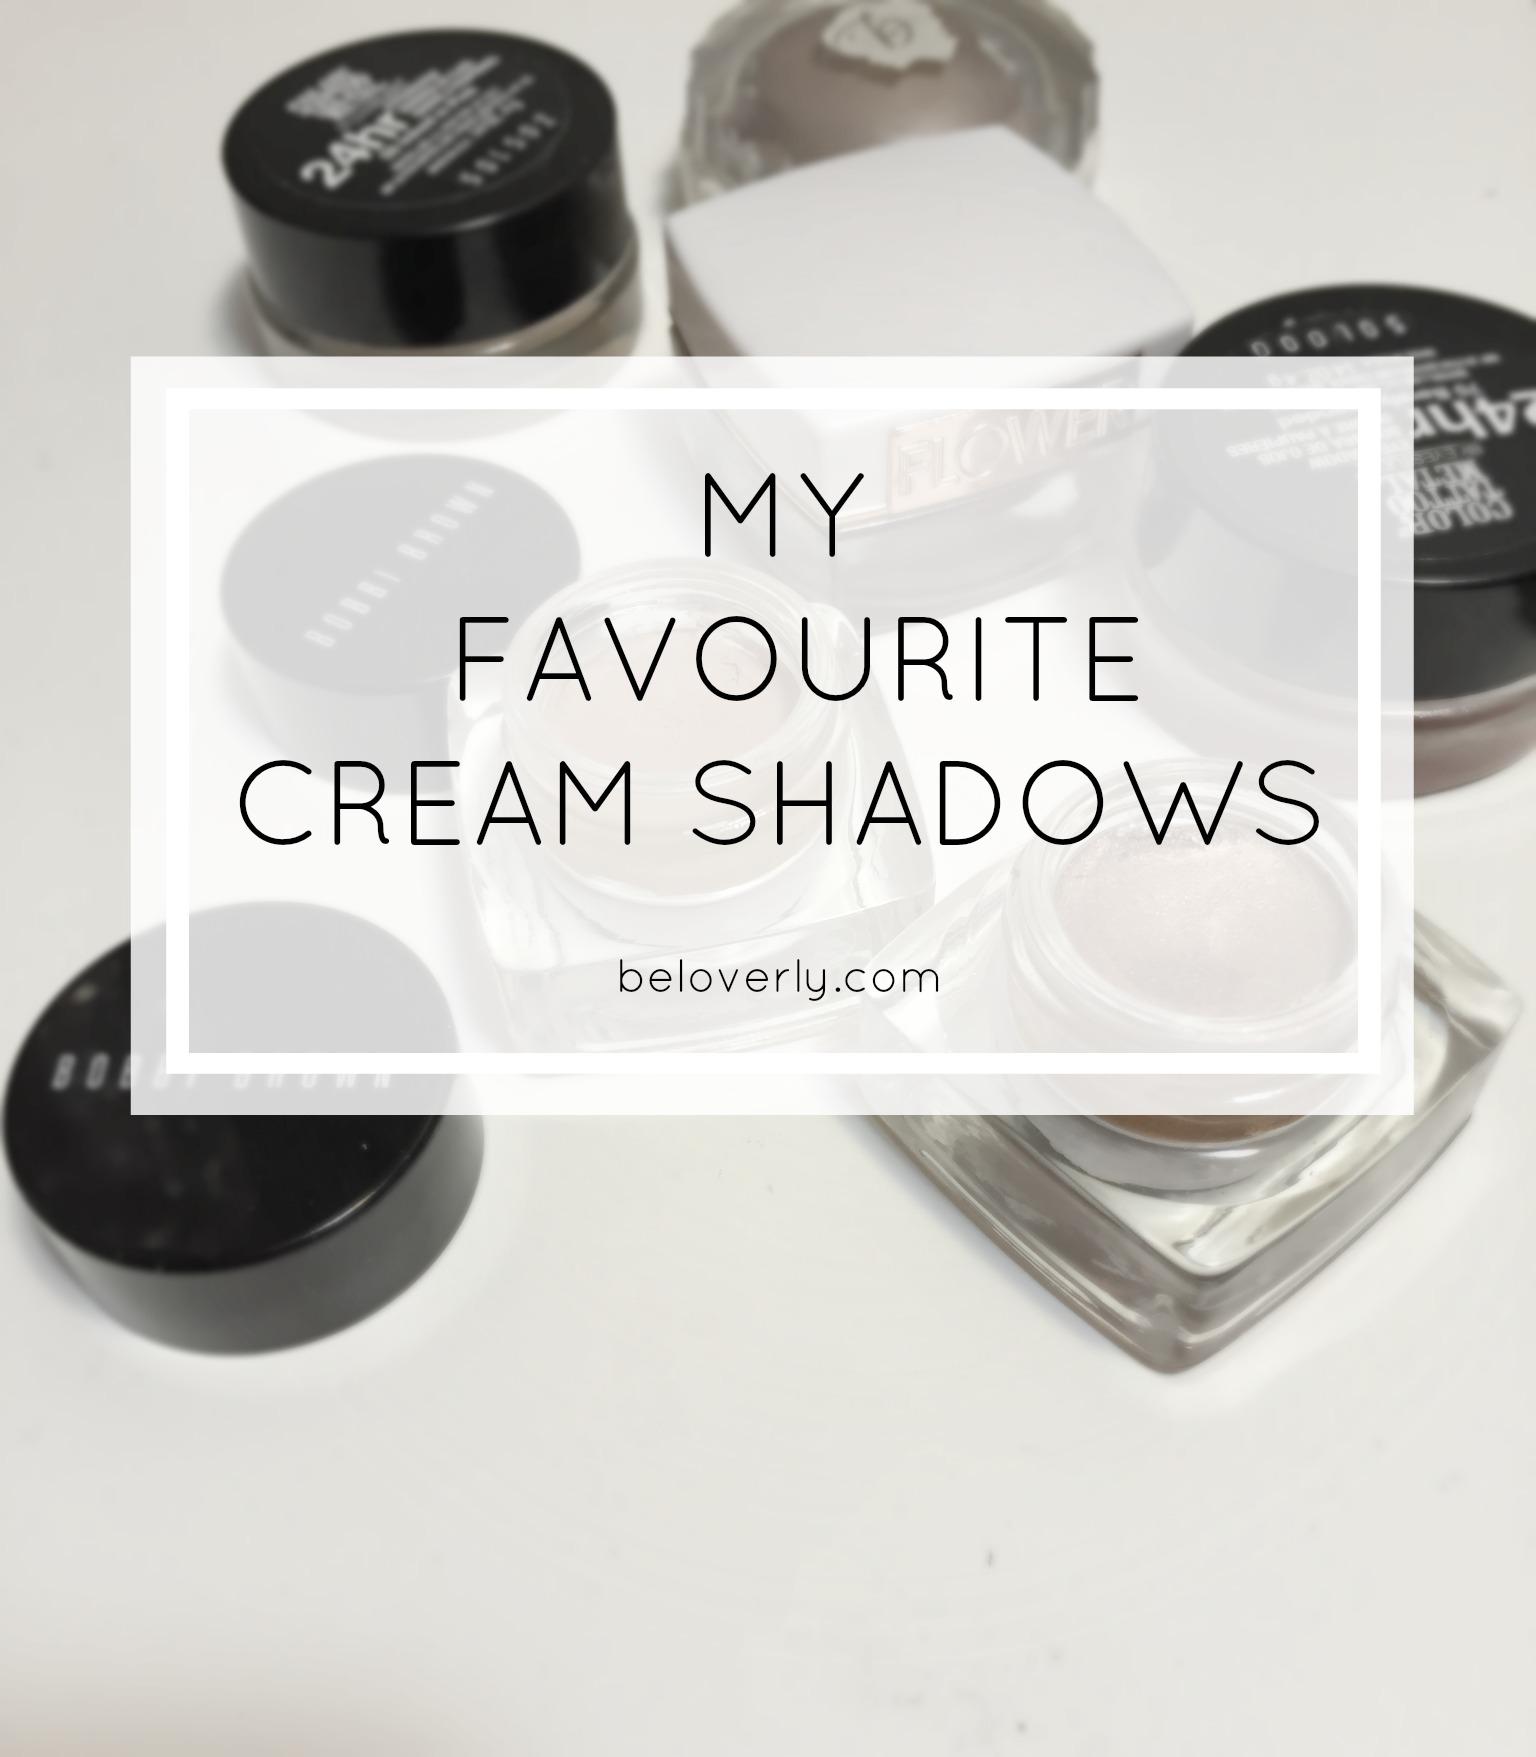 favouritecreamshadows2